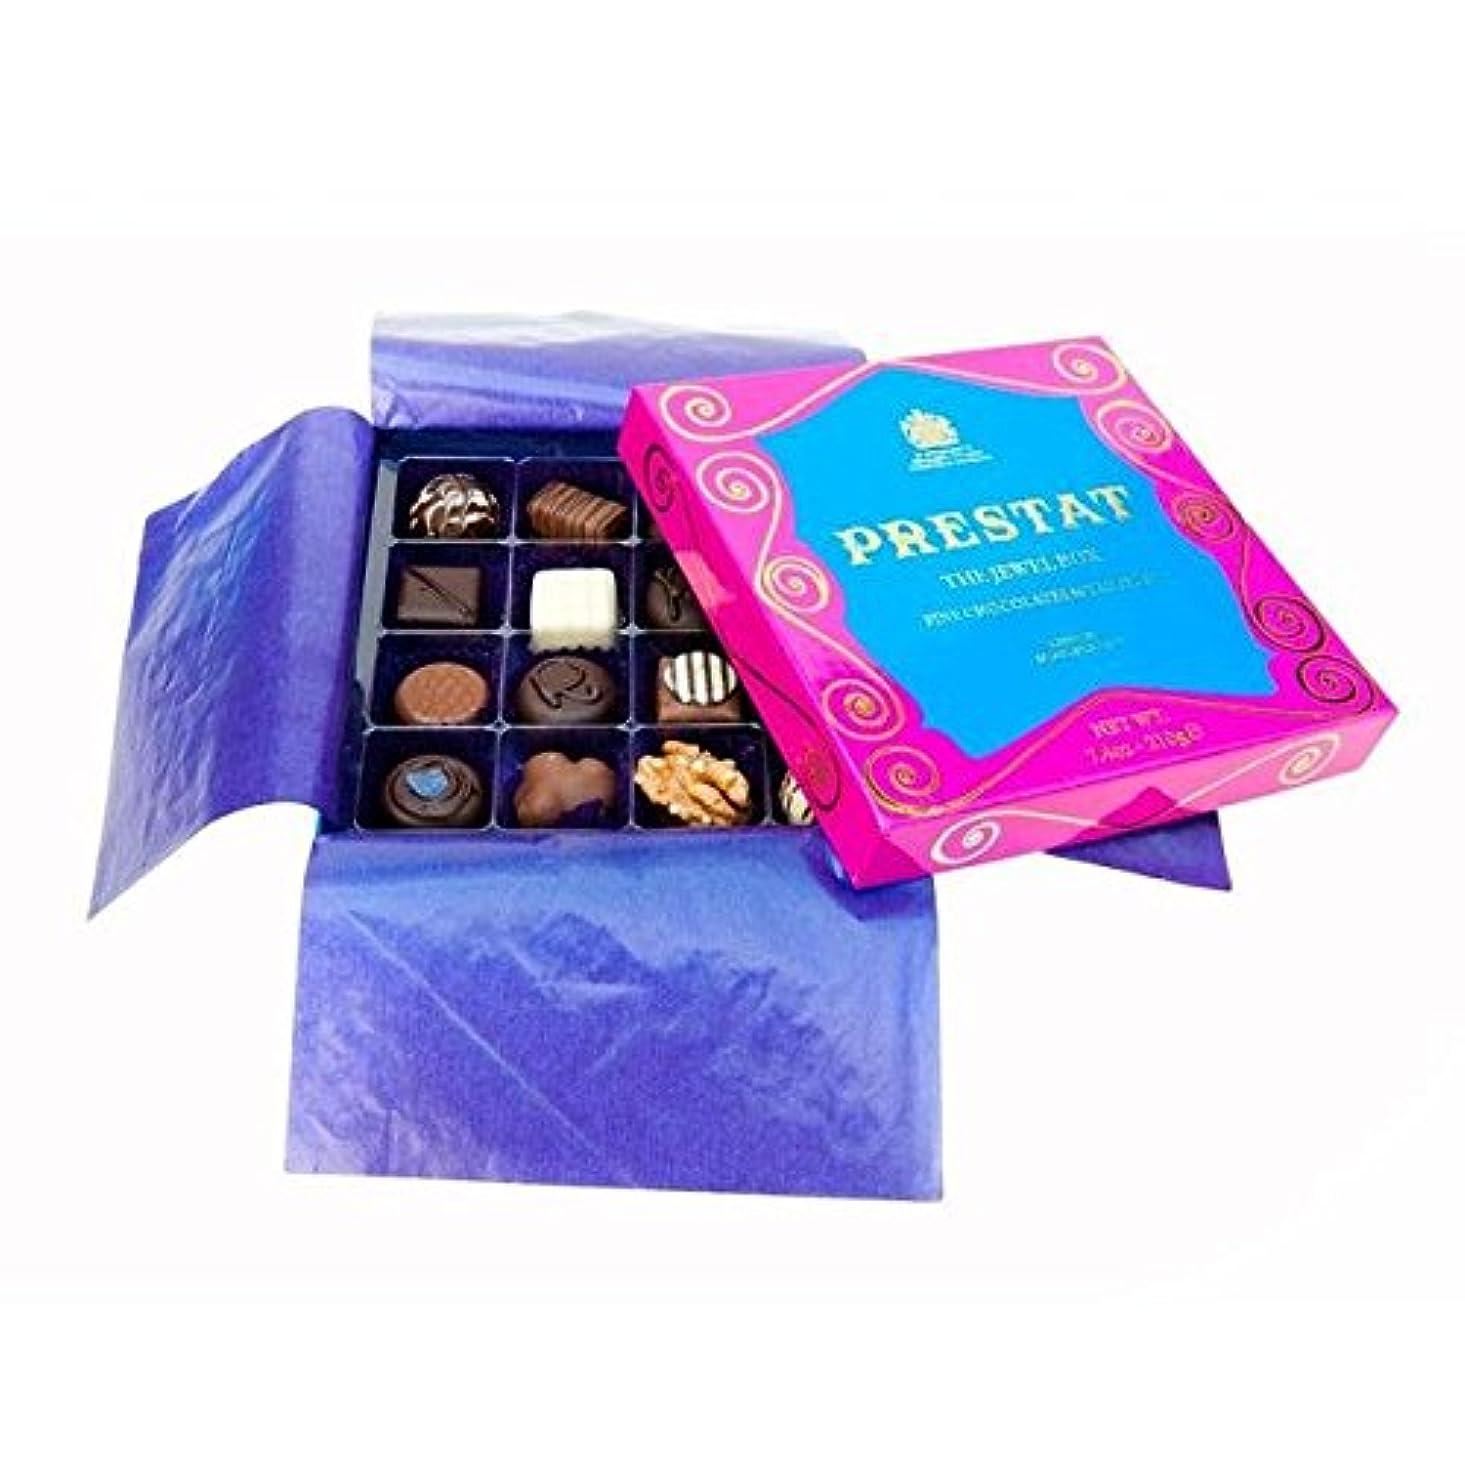 バラエティ球状真実にPrestatチョコレート&トリュフ品揃えの210グラム - Prestat Chocolates & Truffles Assortment 210g [並行輸入品]